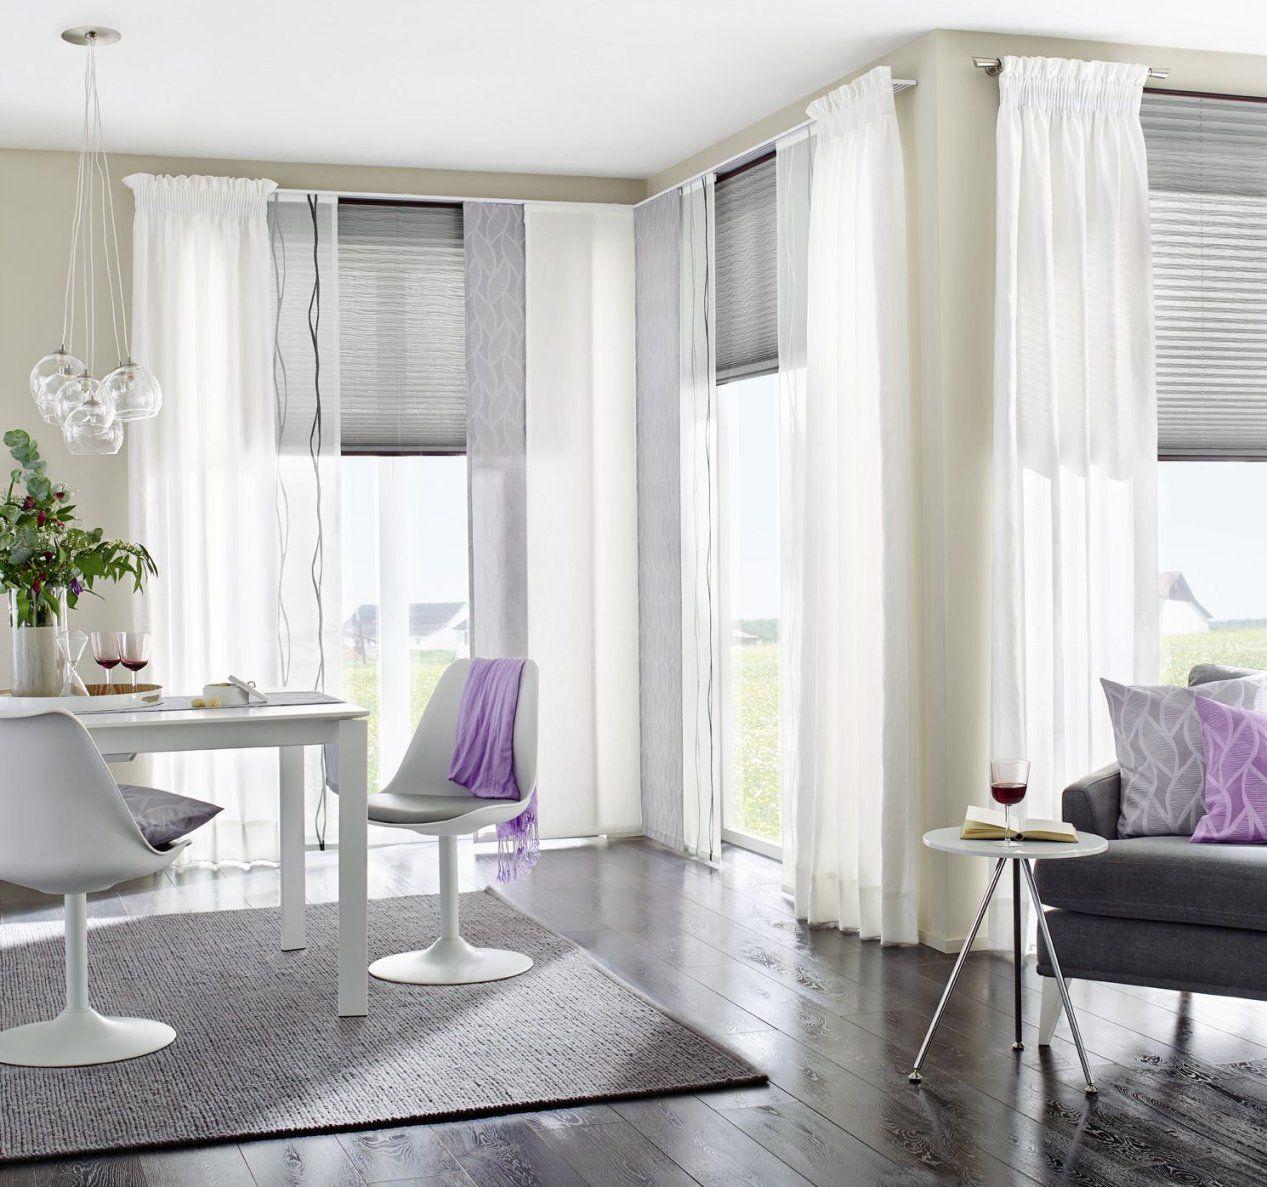 Fenster Naval Gardinen Dekostoffe Vorhang Wohnstoffeplissees von Gardinen Und Rollos Ideen Photo